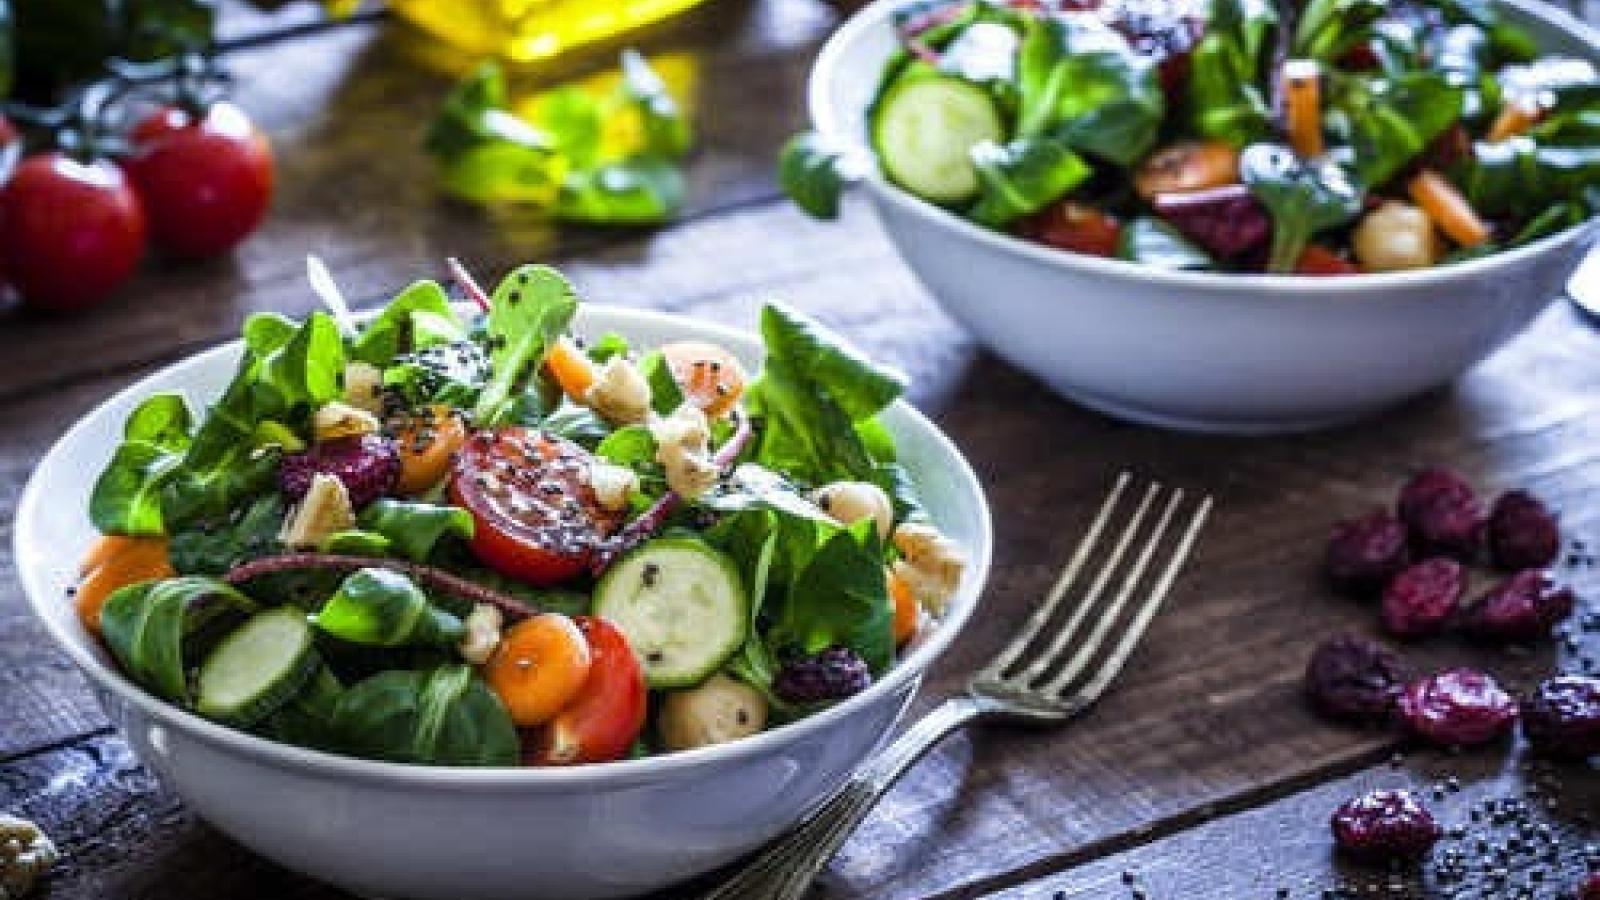 Muốn sống lâu, hãy ăn thực phẩm này hàng ngày